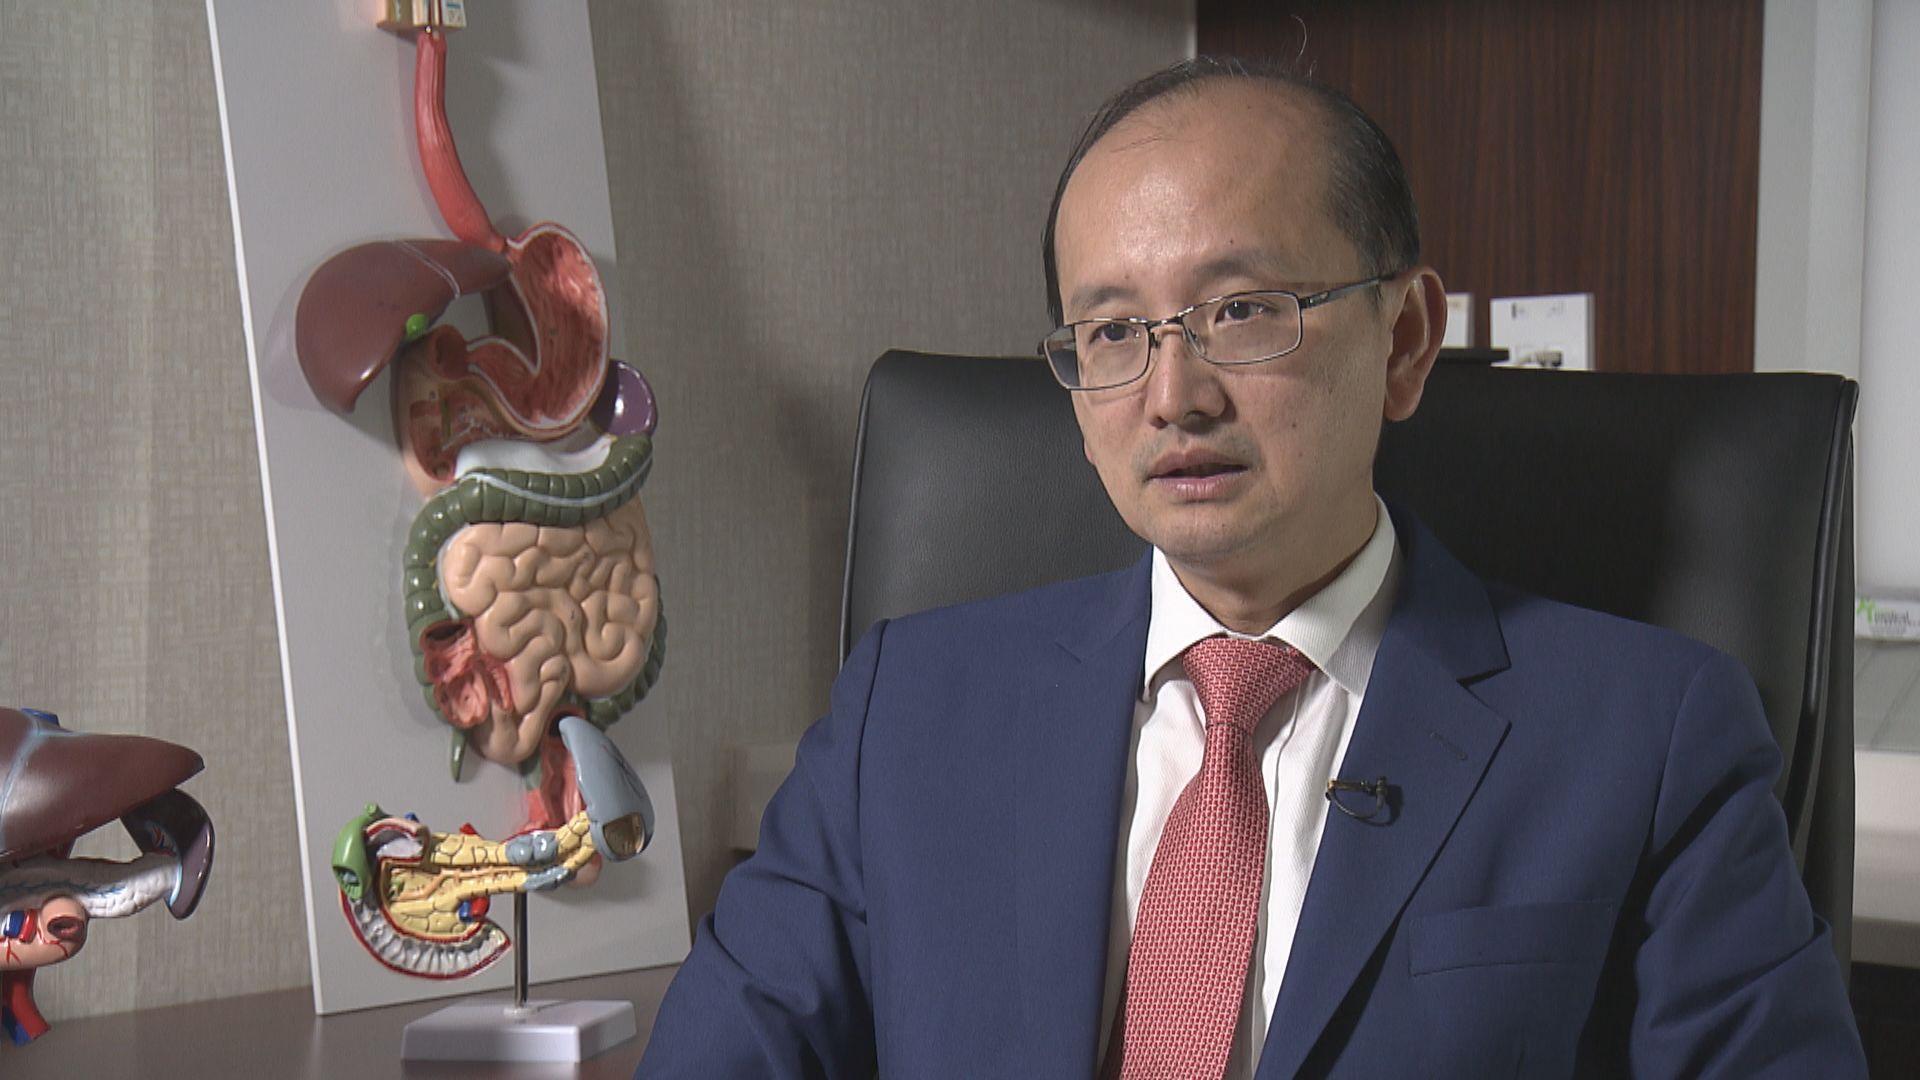 名醫潘冬平涉不當宣傳 罰停牌一個月緩刑半年